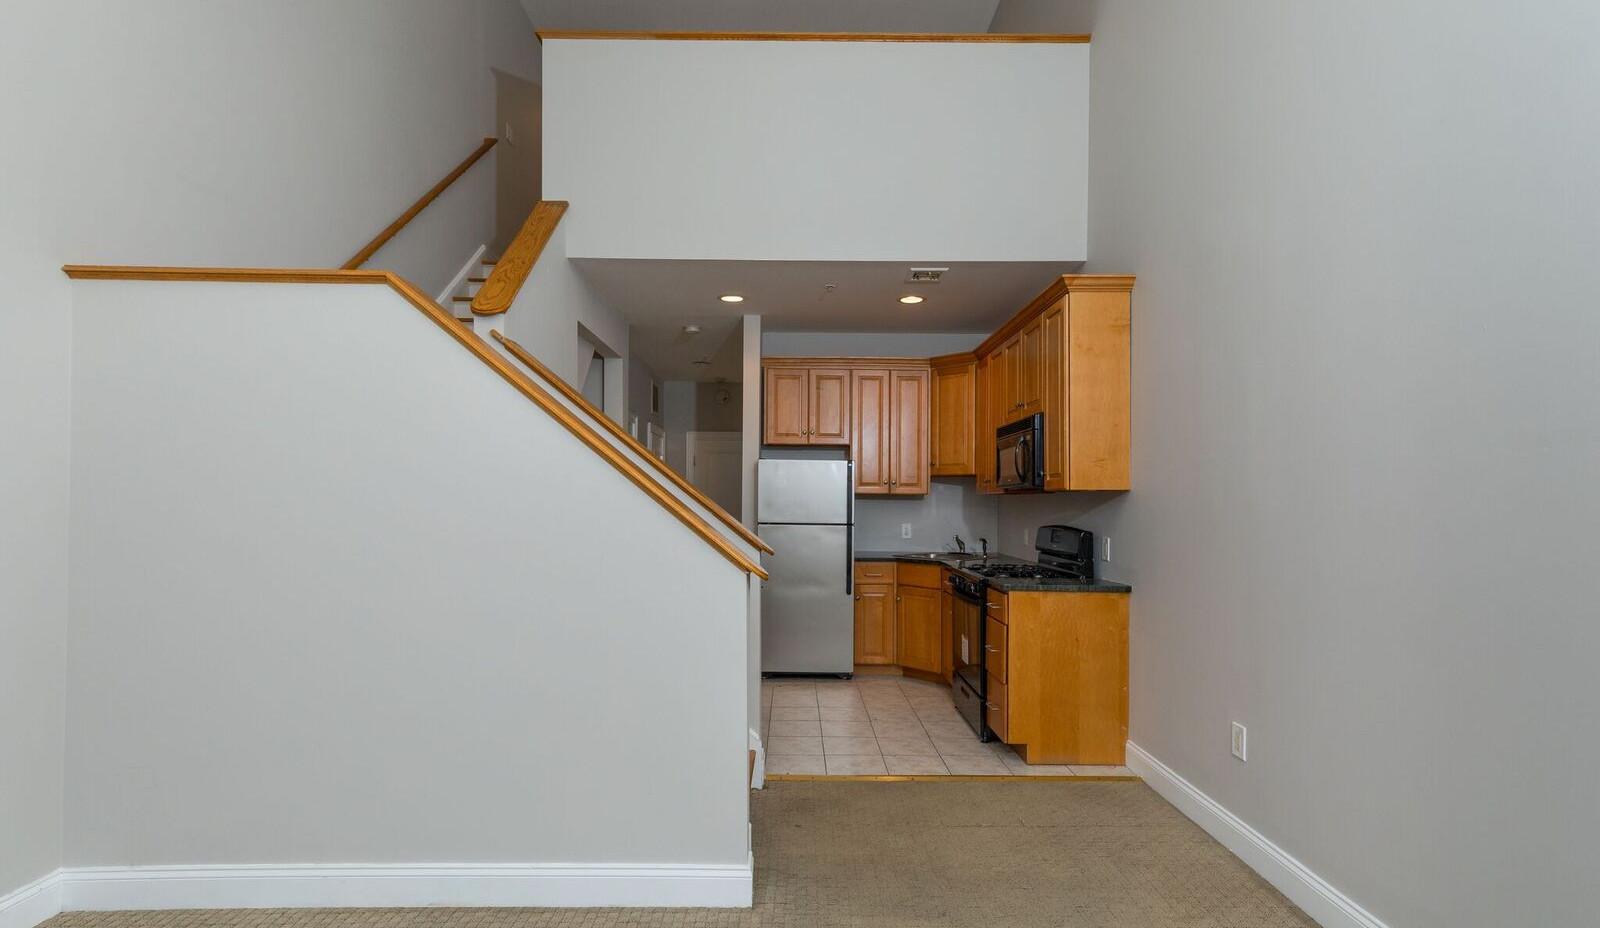 livingroom kitchen2.jpg